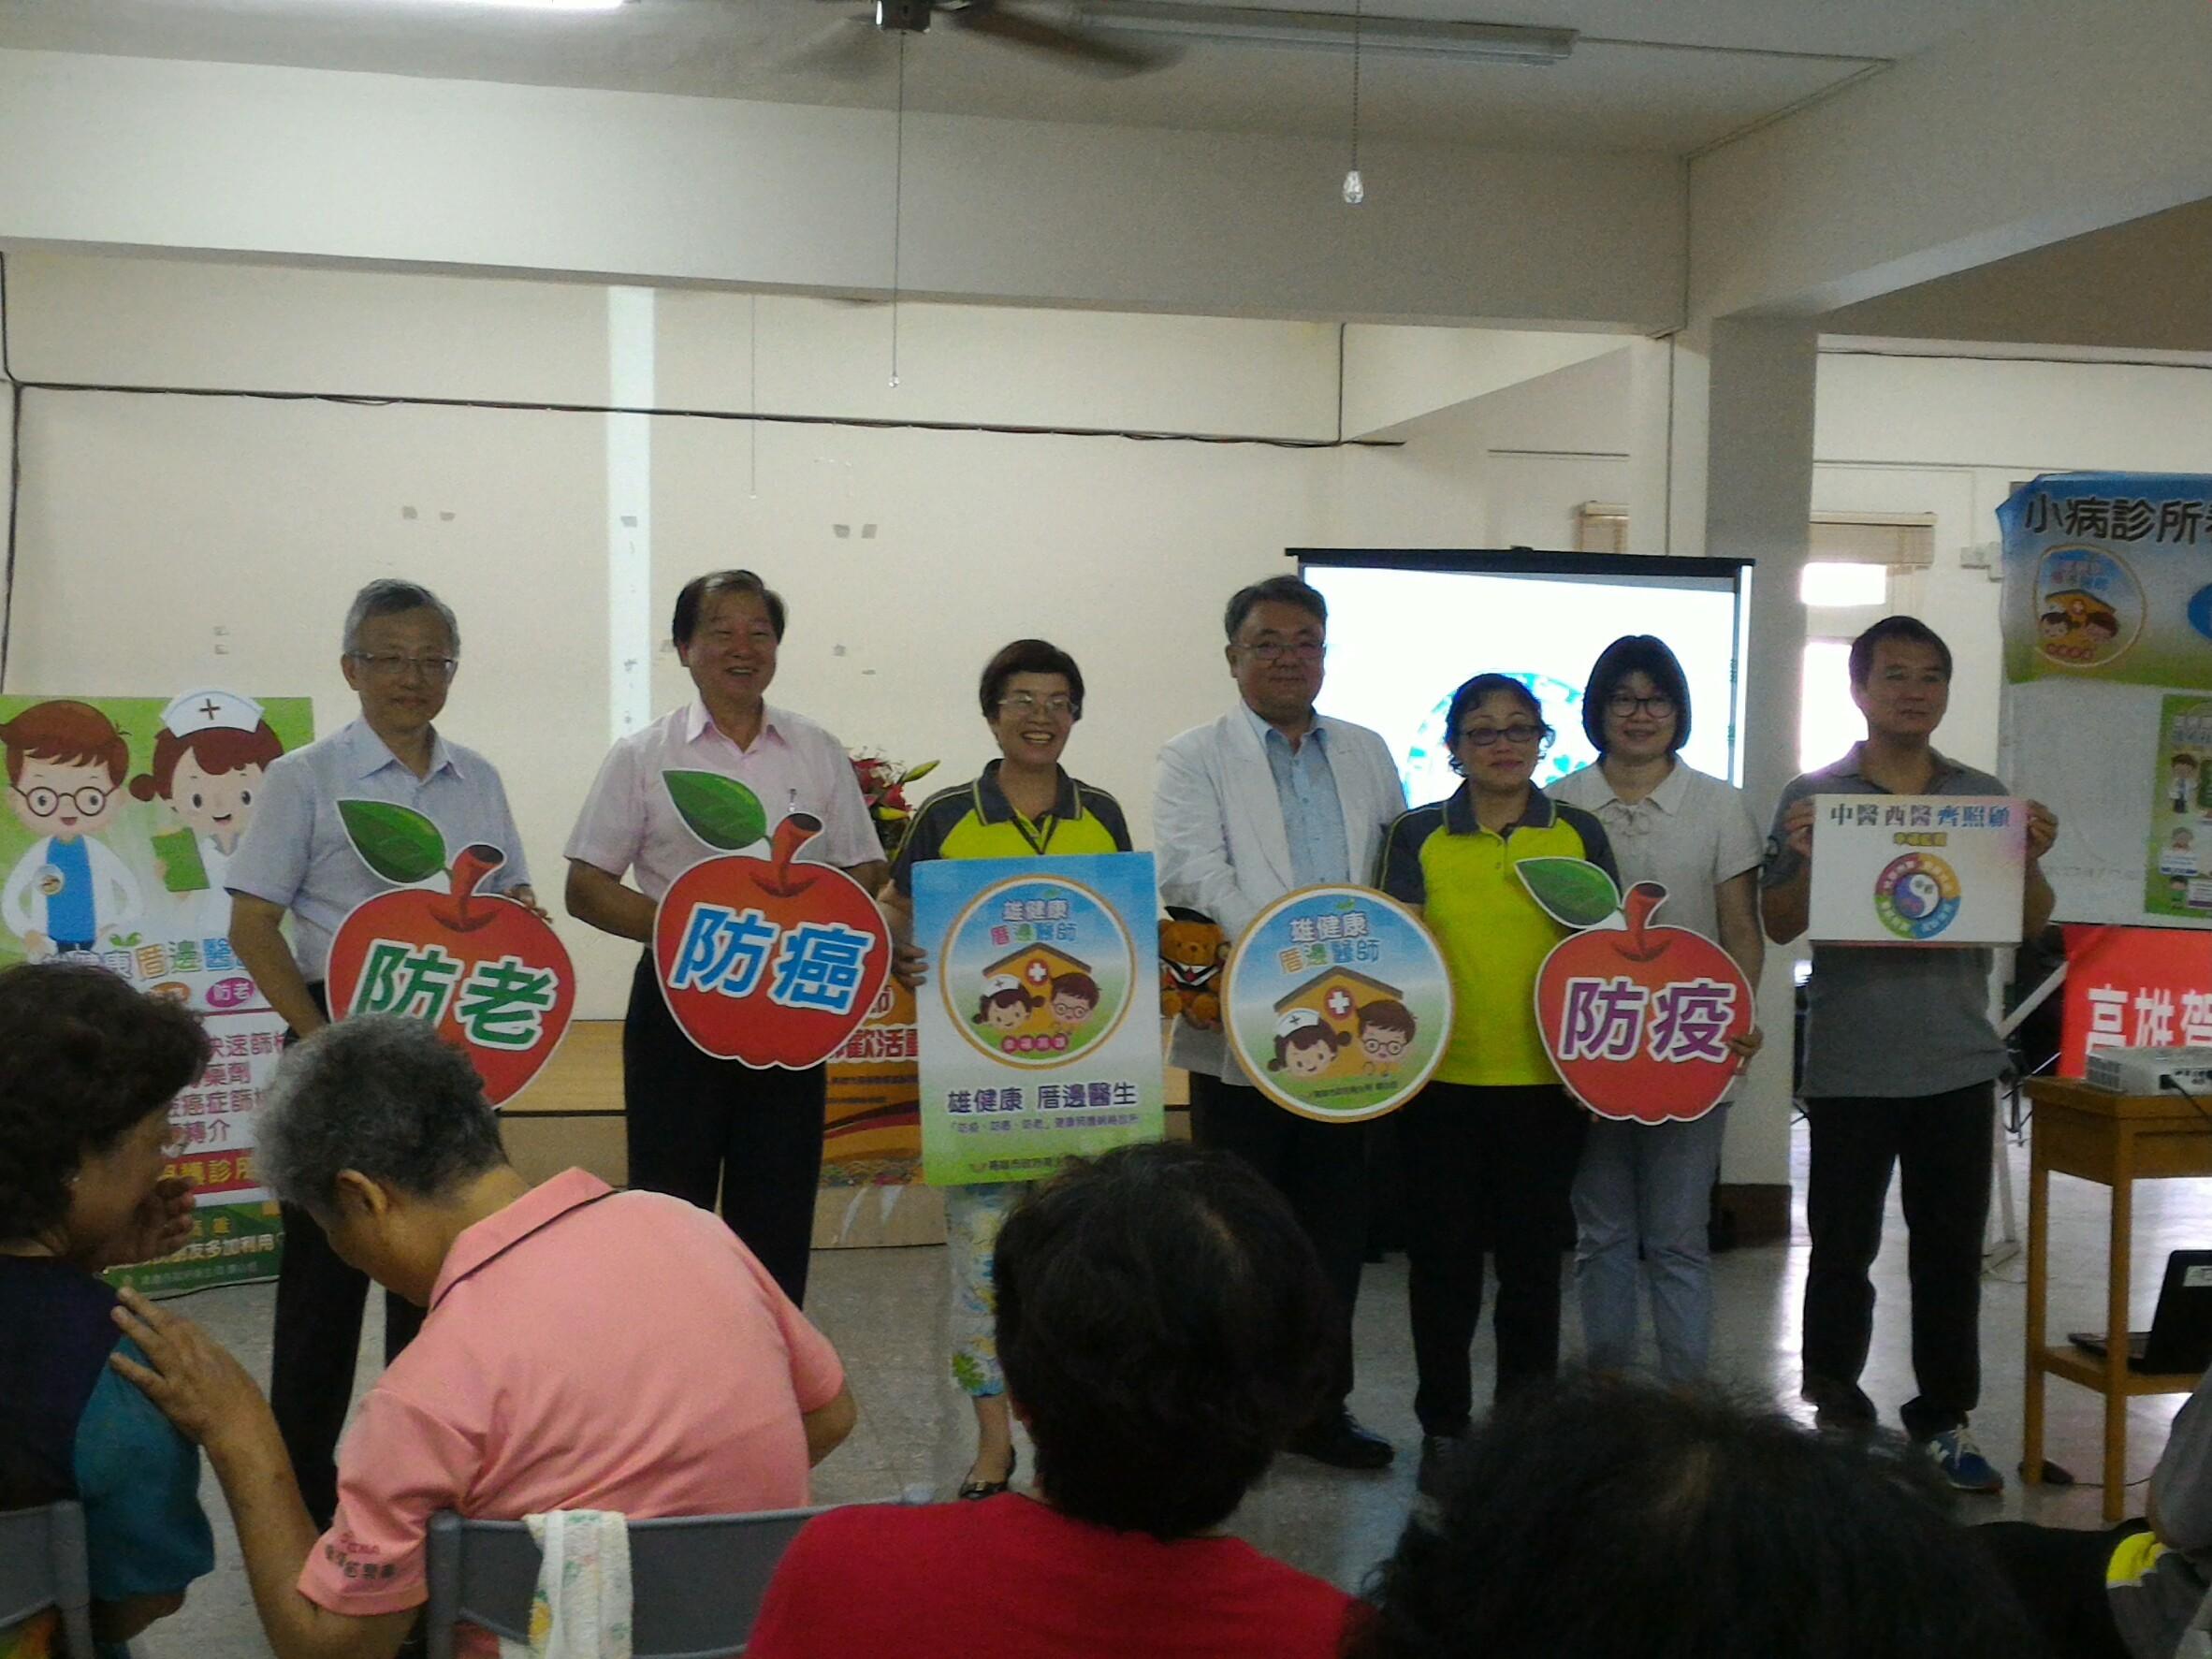 雄健康厝邊醫師社區宣導活動